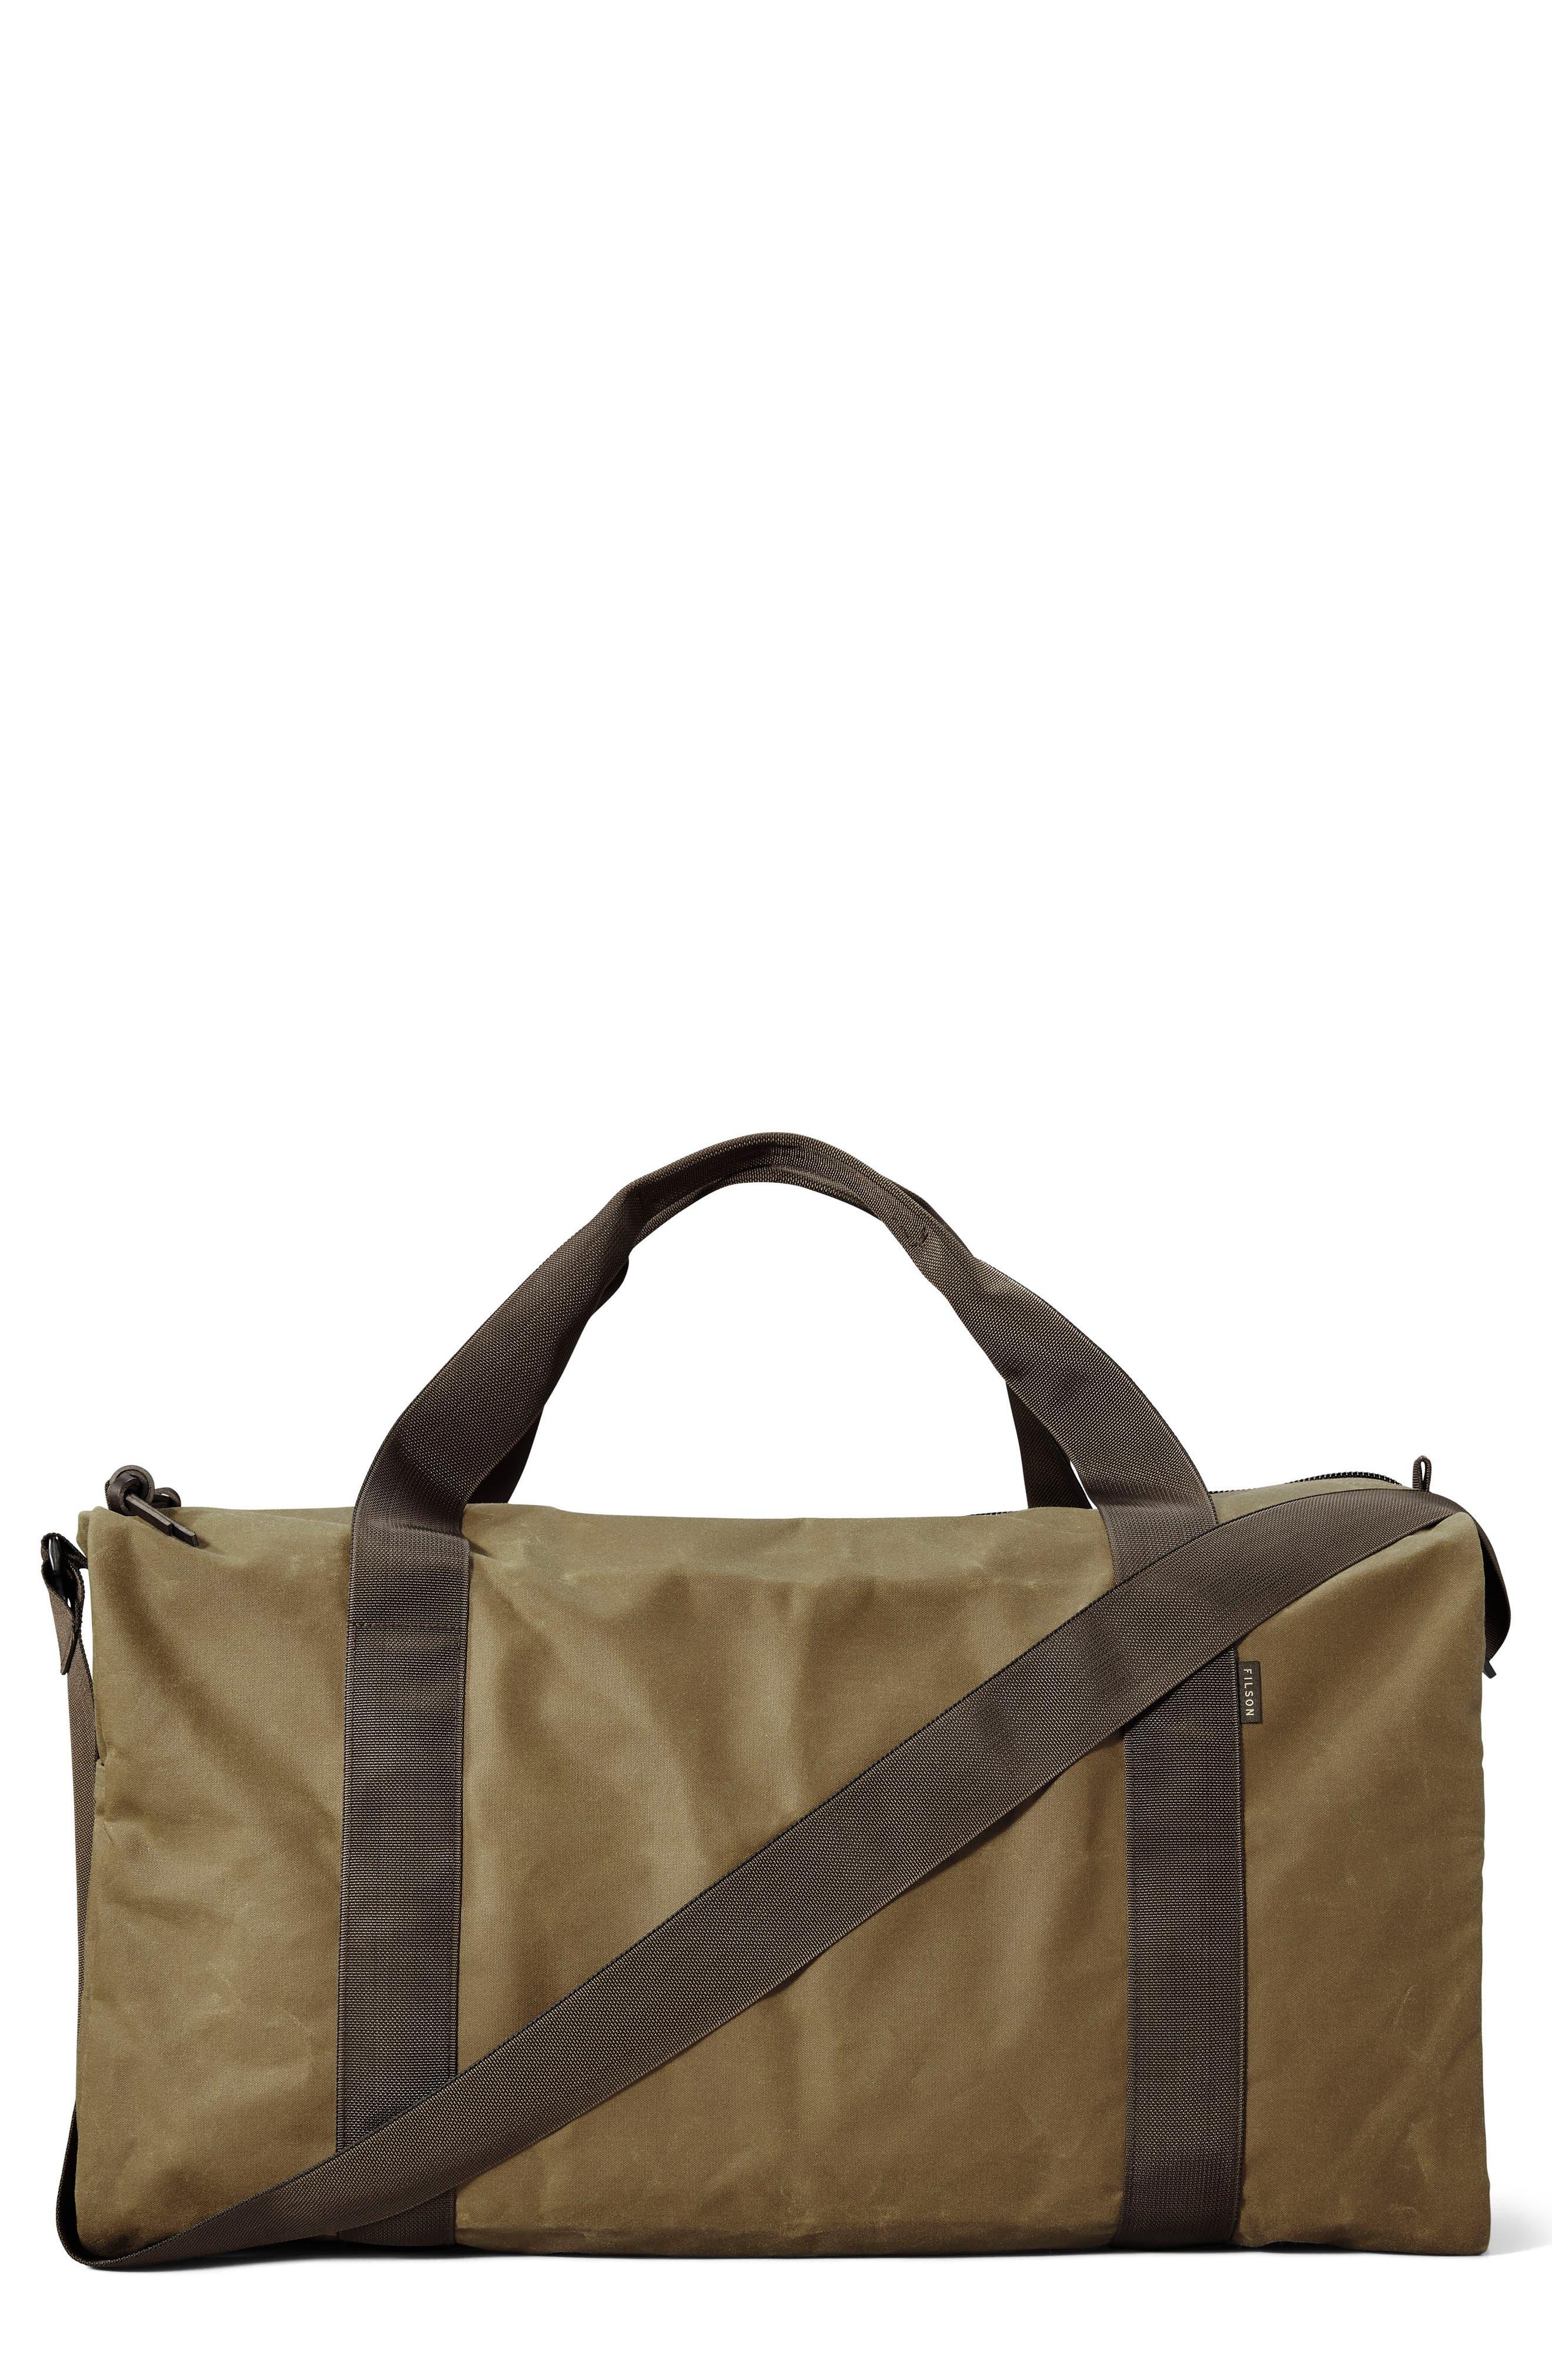 Medium Field Duffel Bag,                             Main thumbnail 1, color,                             DARK TAN